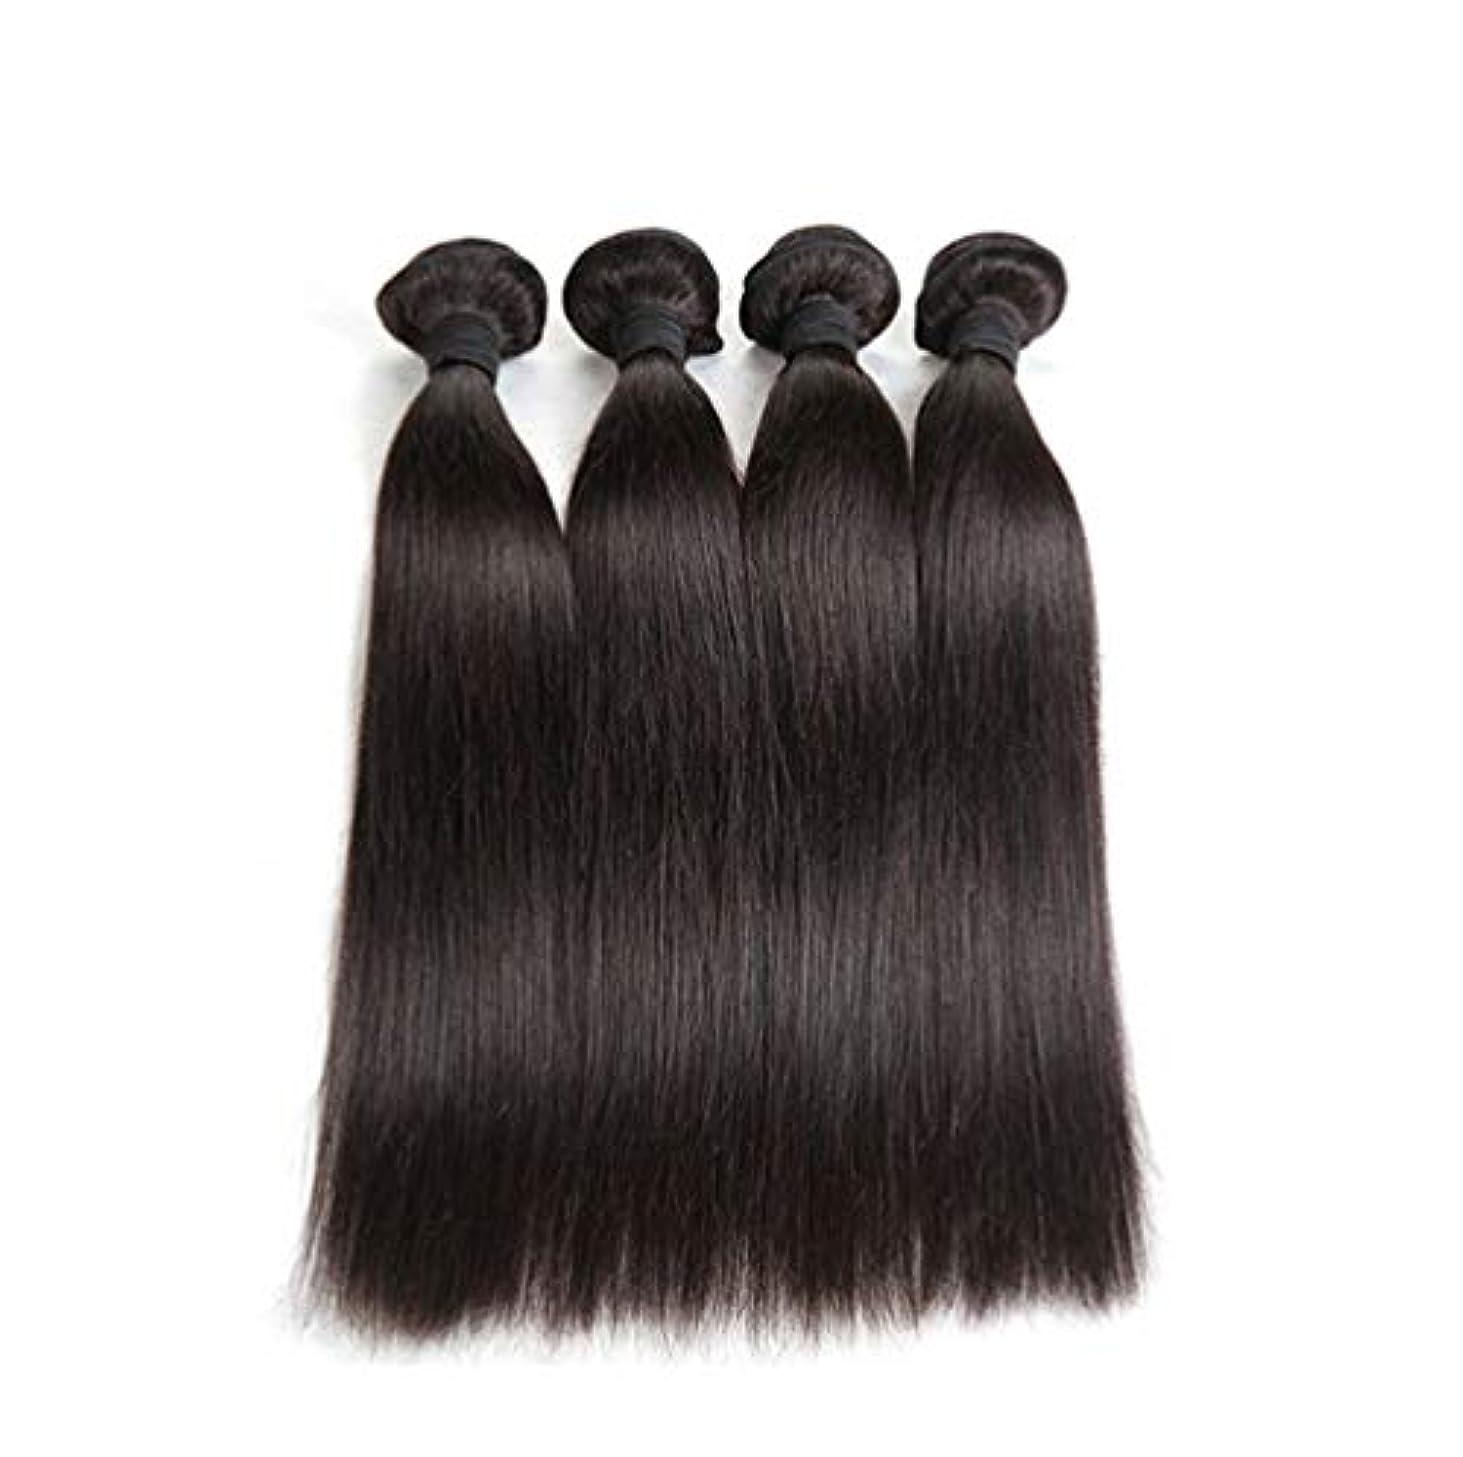 早める取り囲む暴力的な女性の髪織りブラジルのストレート人間の髪の毛束絹のようなストレートバージン人間の髪の毛延長エクステンションナチュラル300グラム(3バンドル)